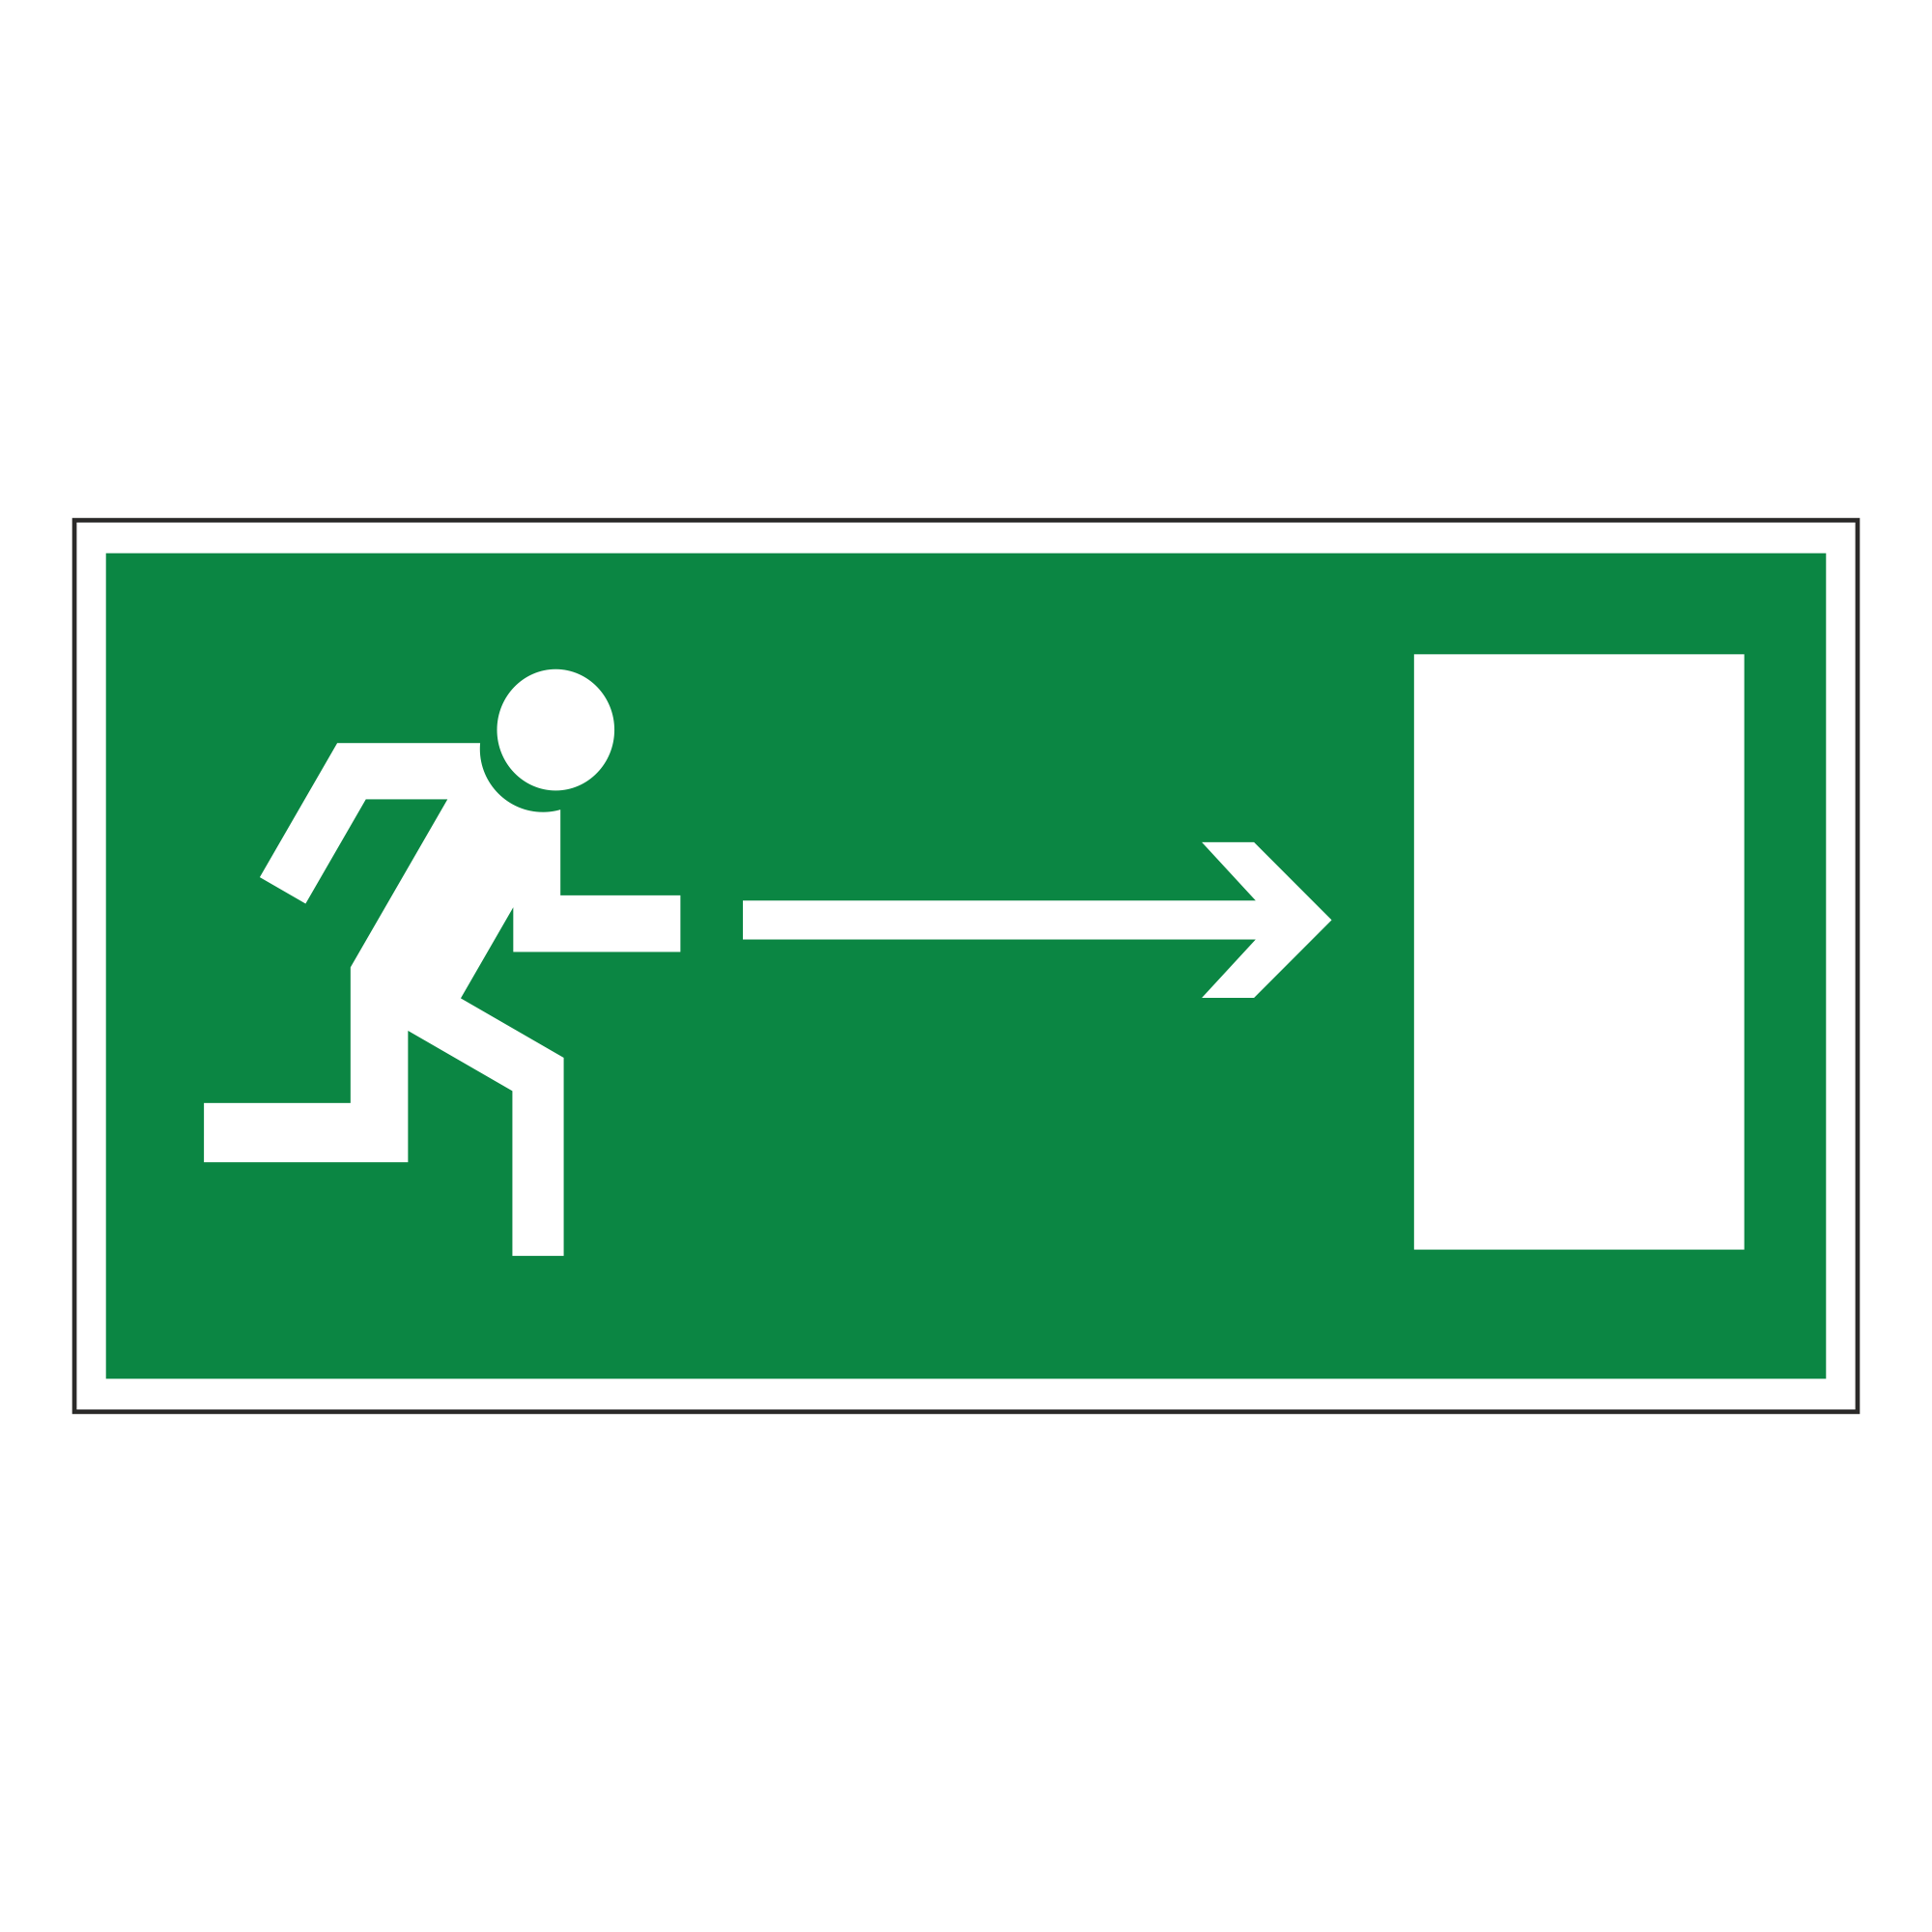 Е03 Направление к эвакуационному выходу направо